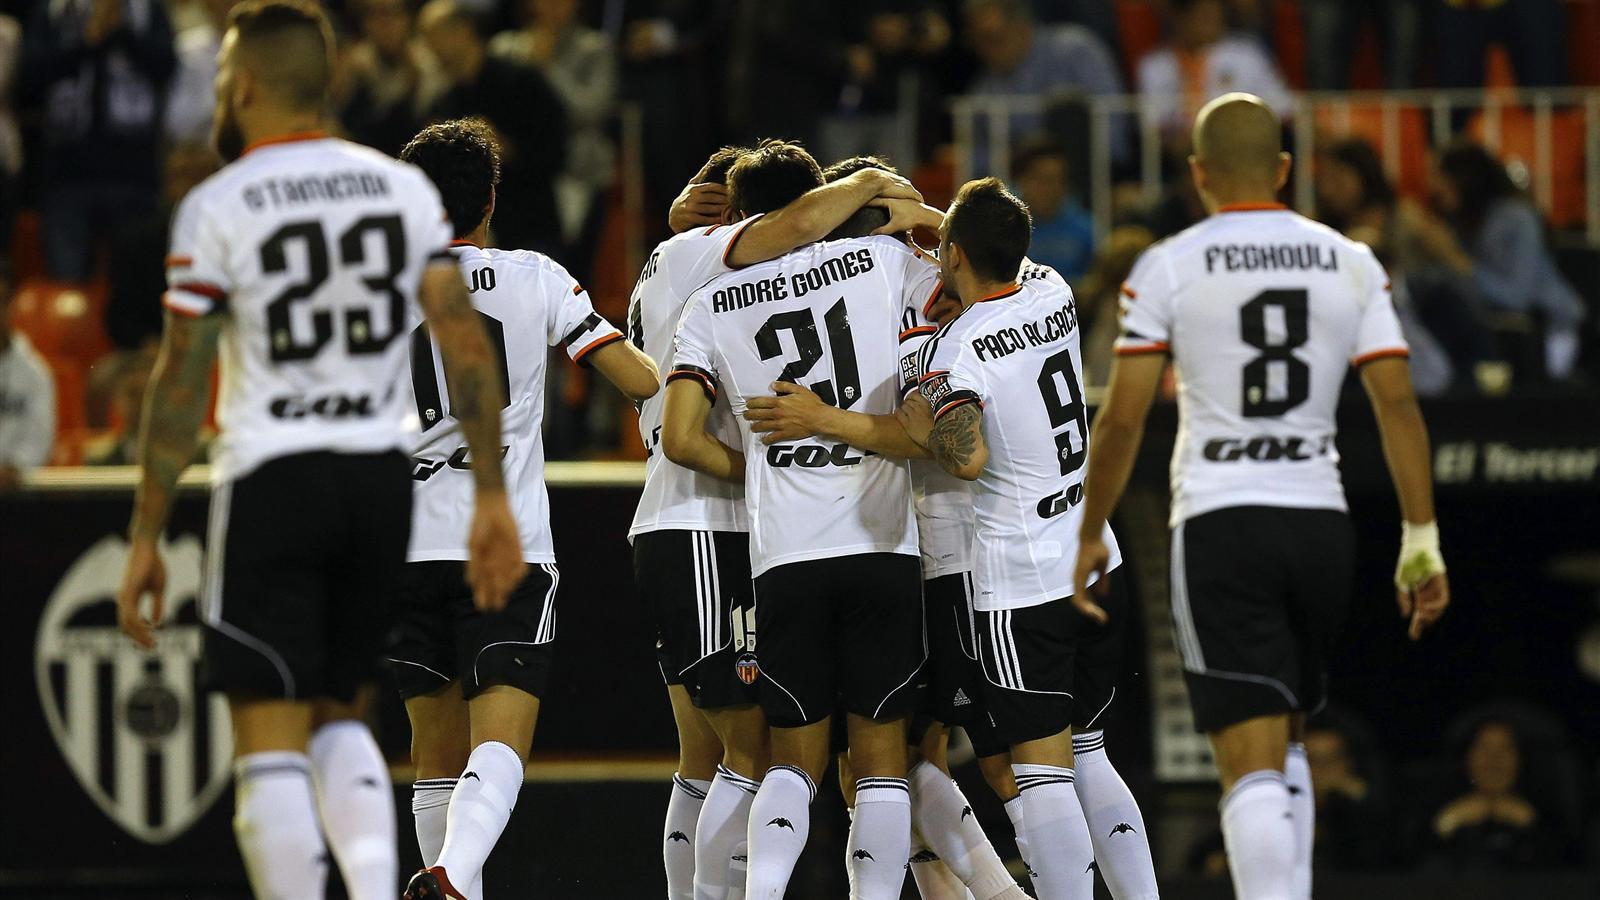 İspanya Ligi: Valencia 4-0 Granada - İspanya Ligi 2014-2015 - Futbol - Eurosport